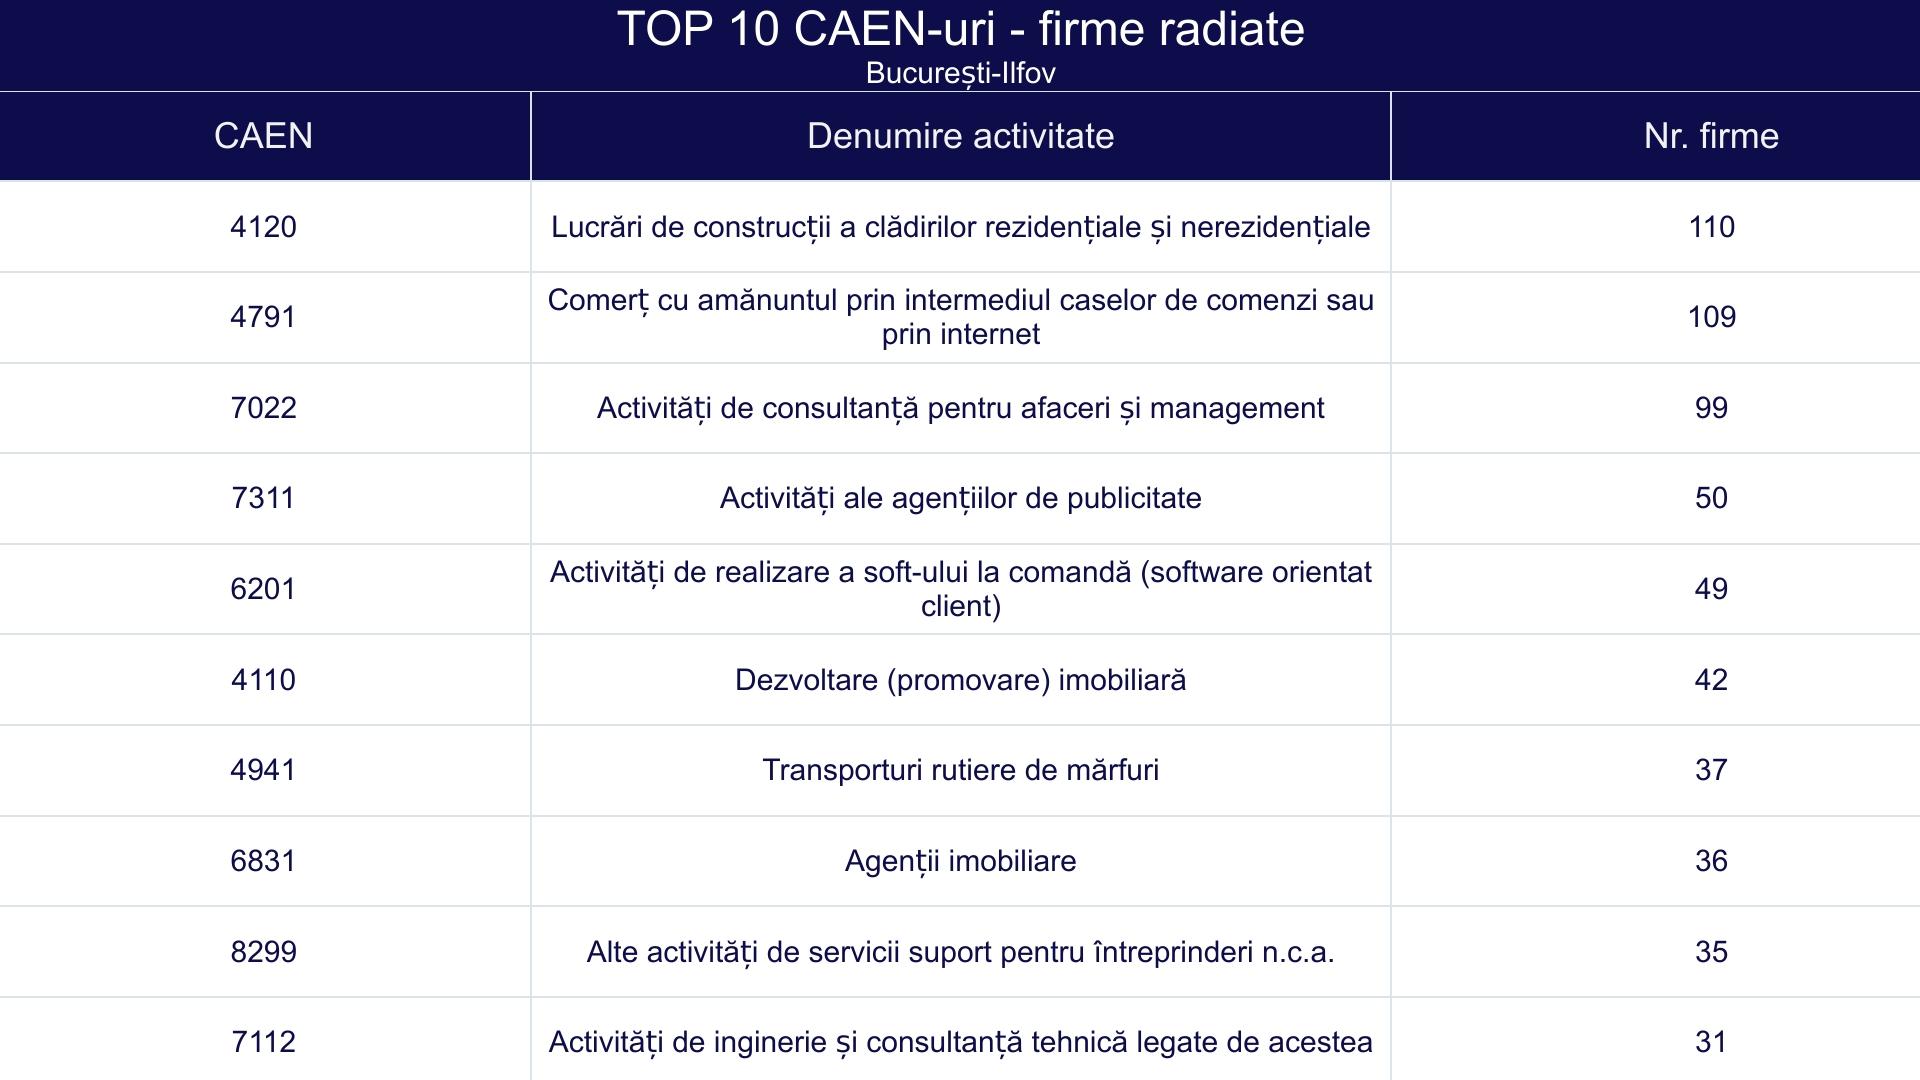 TOP 10 CAEN-uri - firme radiate - București-Ilfov